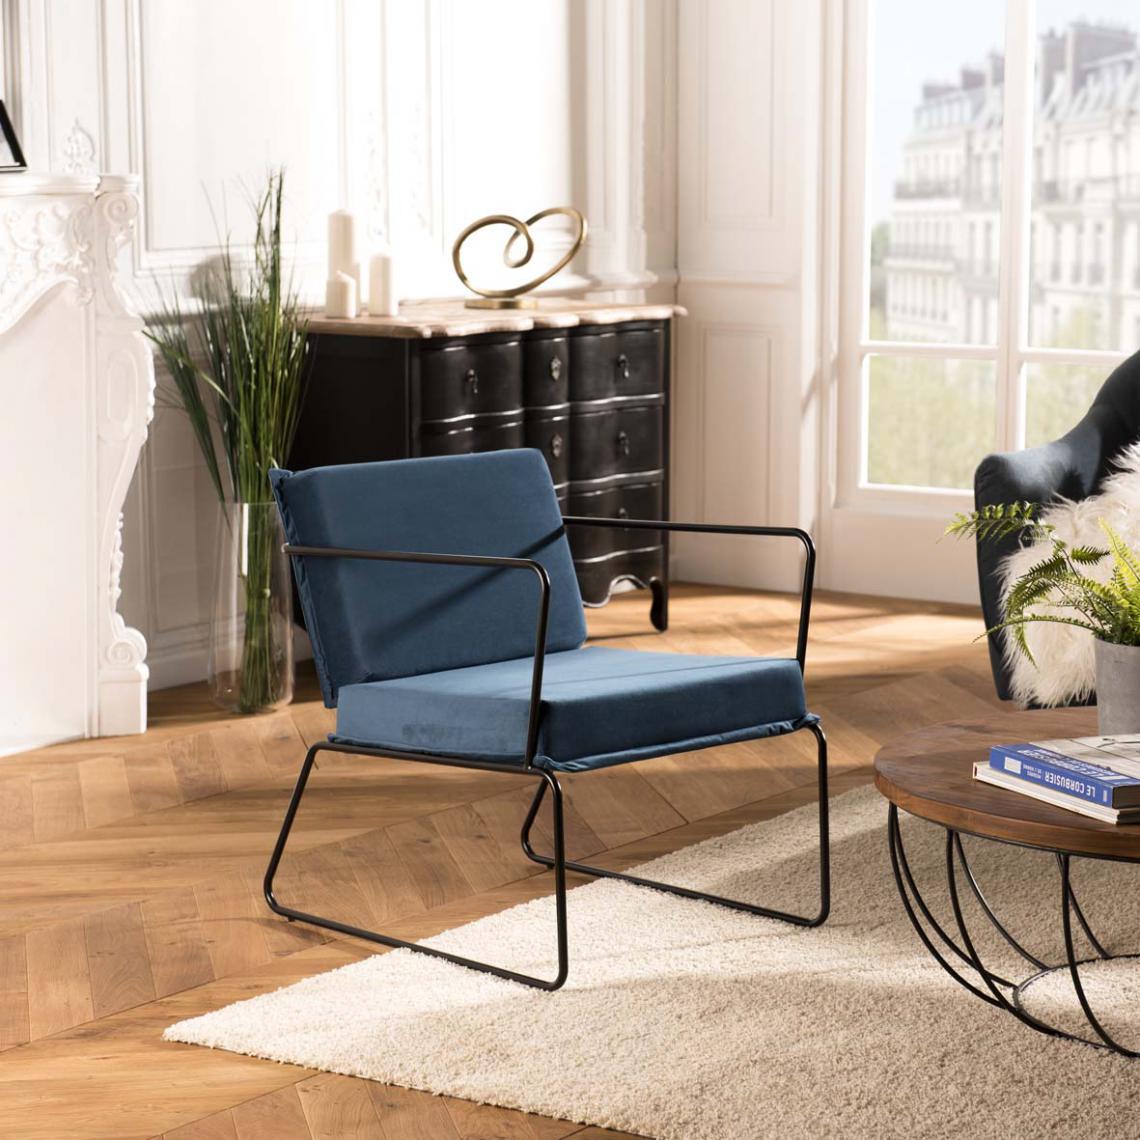 fauteuil tissu velours agathe bleu nuit pieds evases metal